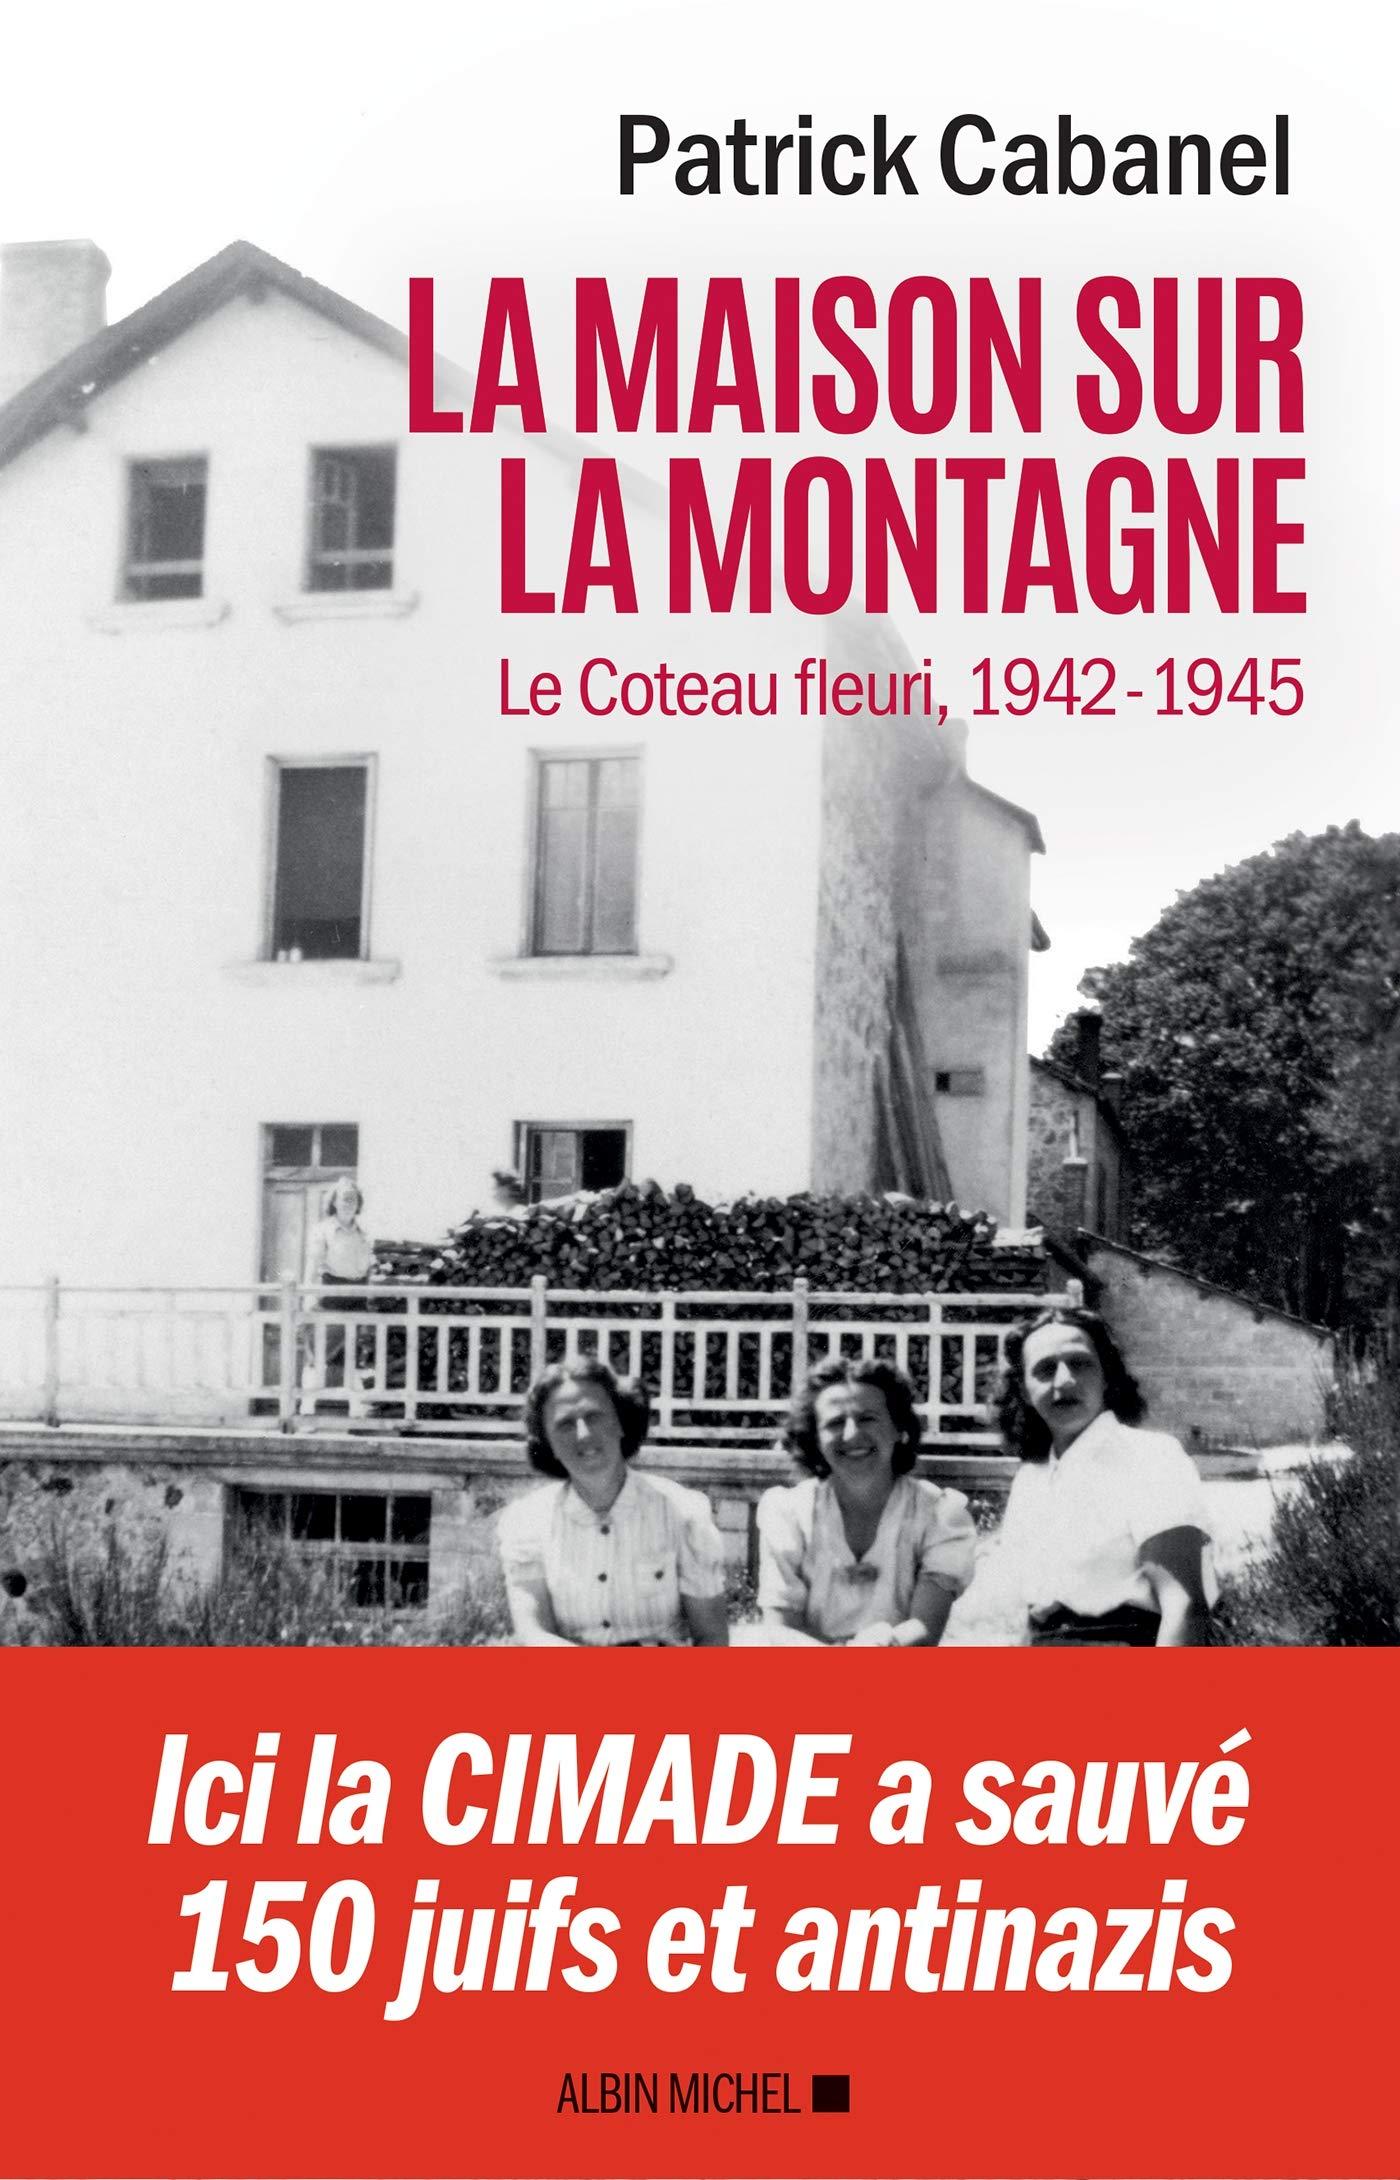 La Maison sur la montagne : Le Coteau-Fleuri 1942-1945 Patrick Cabanel